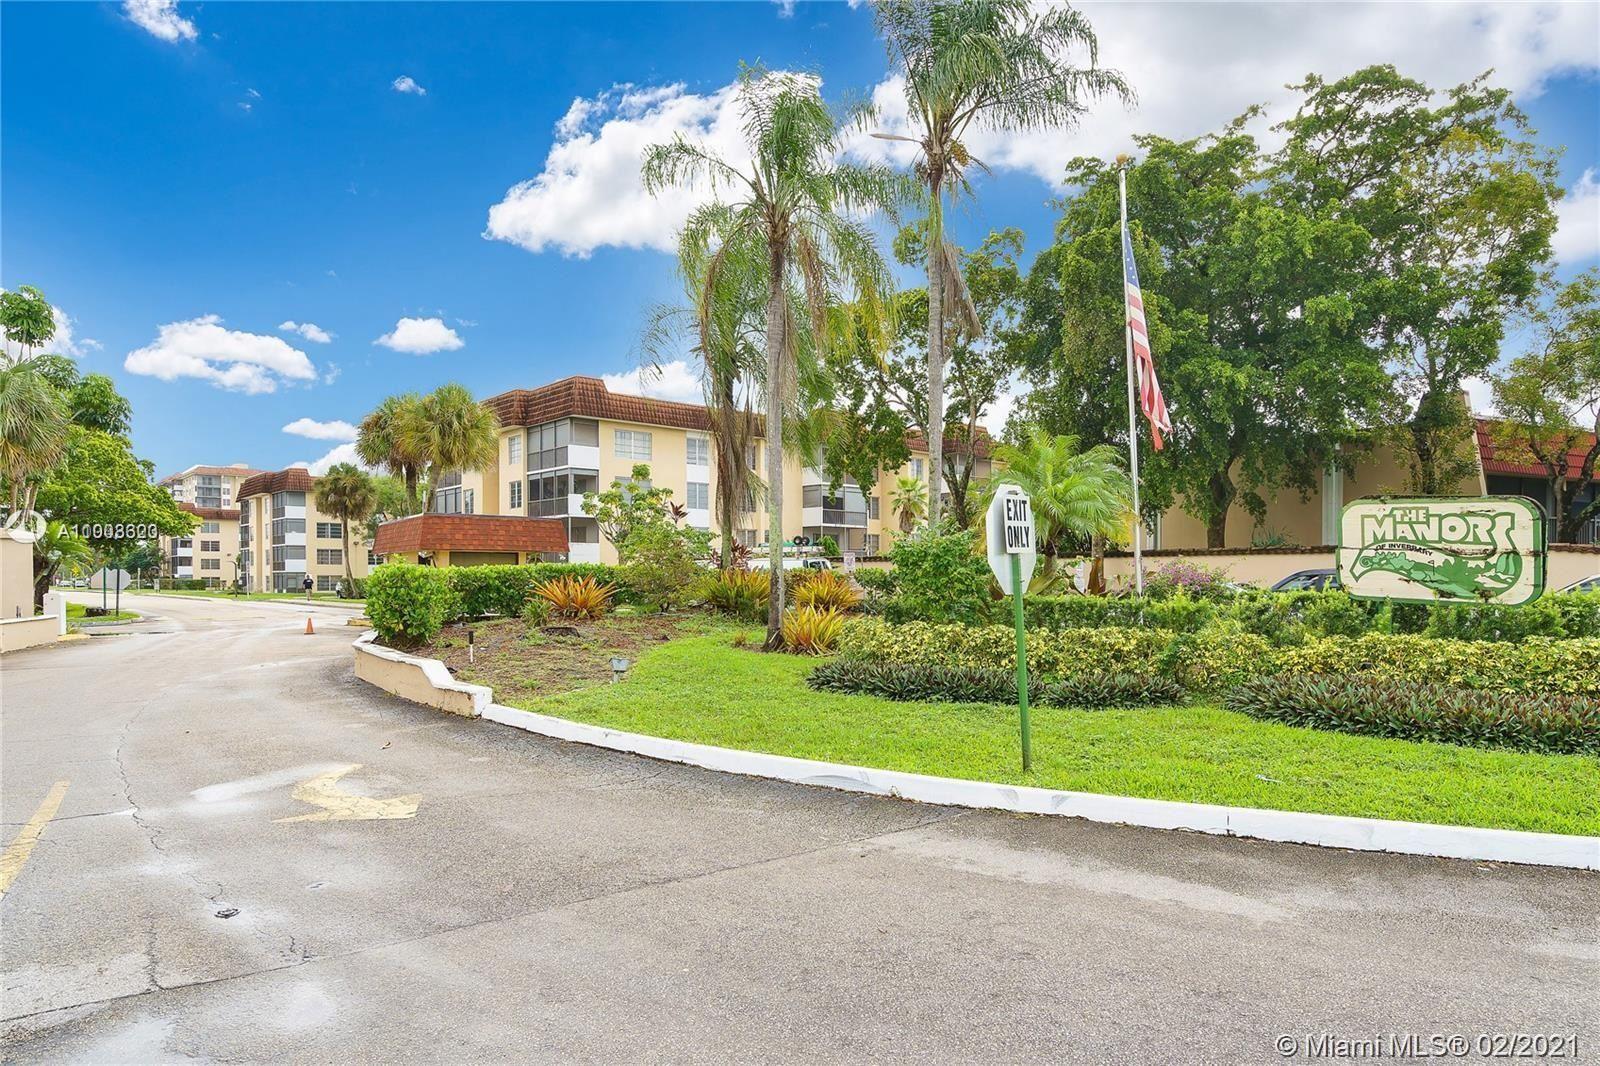 Photo of 3978 Inverrary Dr #D4, Lauderhill, FL 33319 (MLS # A11003323)